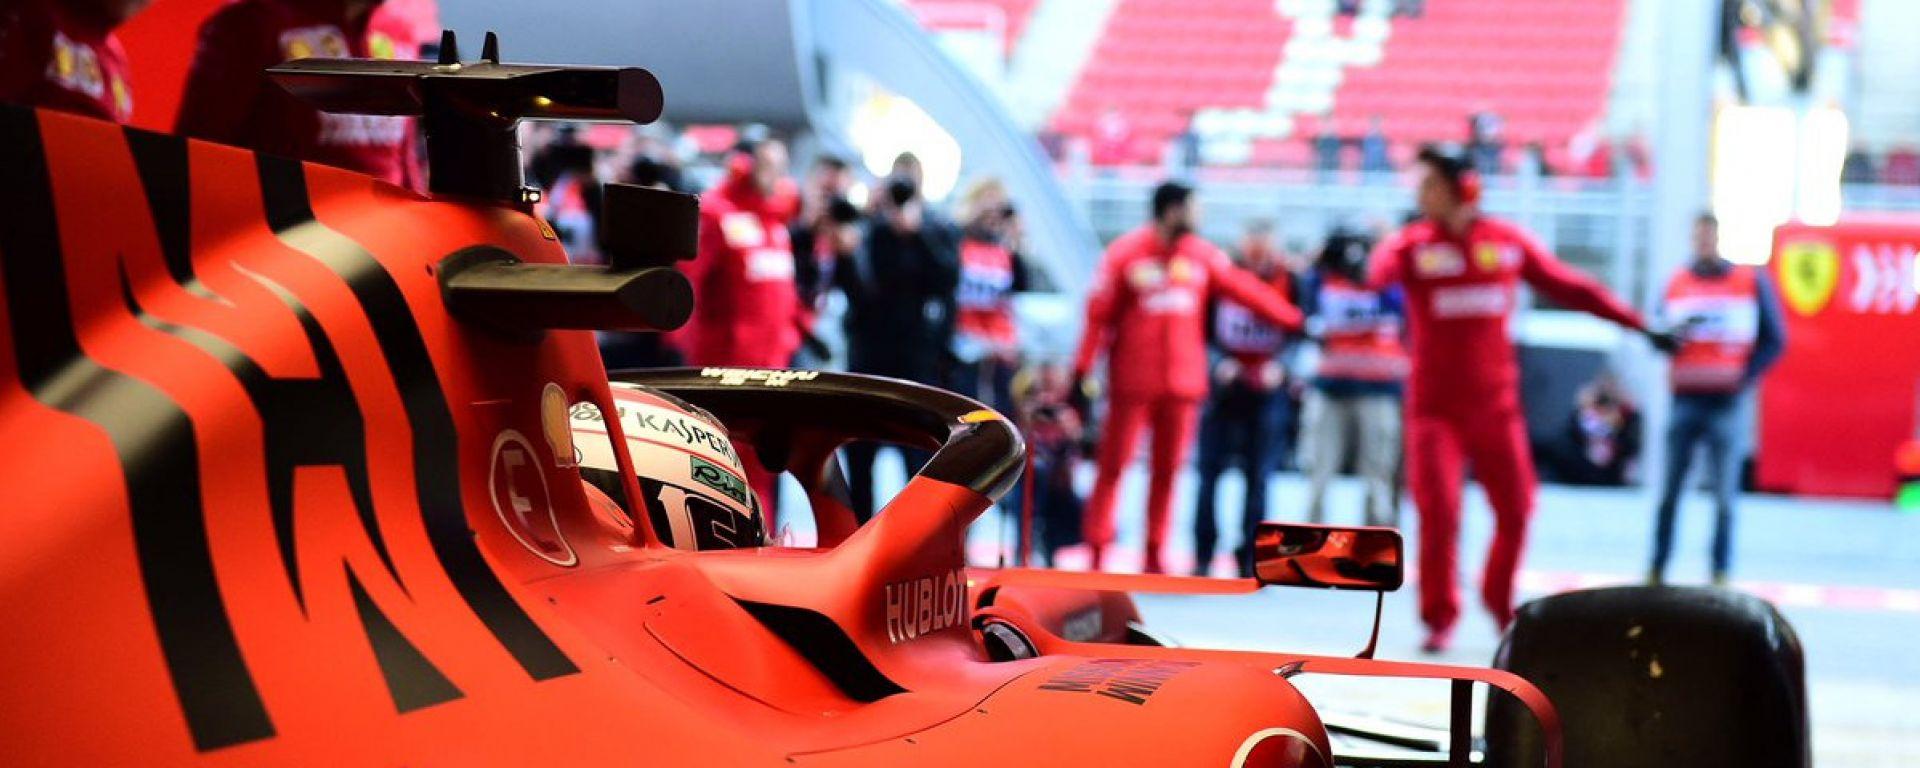 Test F1 Barcellona, i tempi delle simulazioni gara: Ferrari super